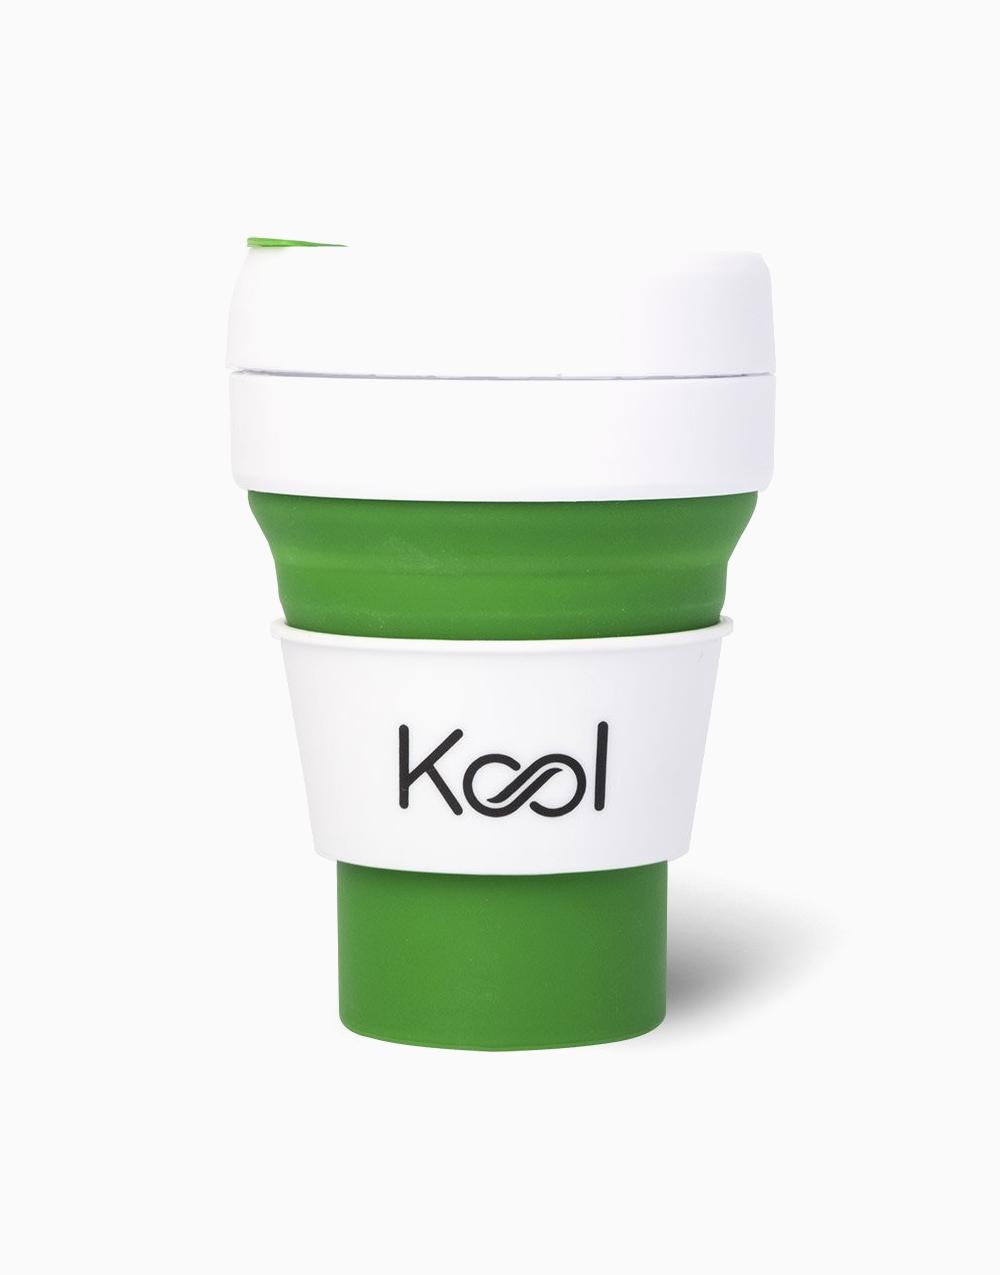 Kool Foldable Cup (355ml) by Kool | Peppermint